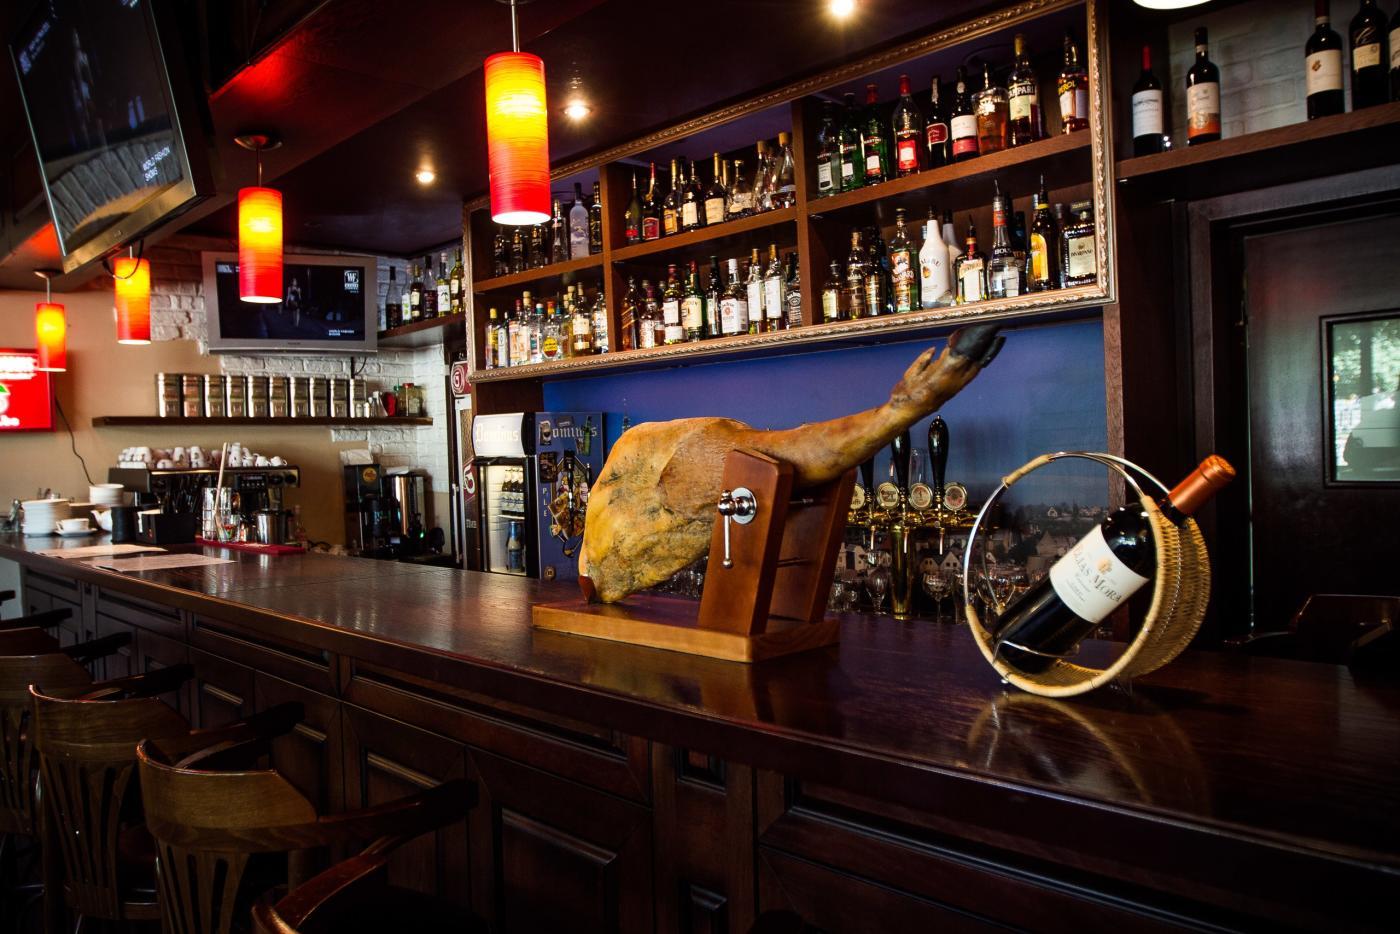 Средиземноморский Ресторан Terra & Mare Rome Barcelona (Терра Маре Рома Барселона) фото 43